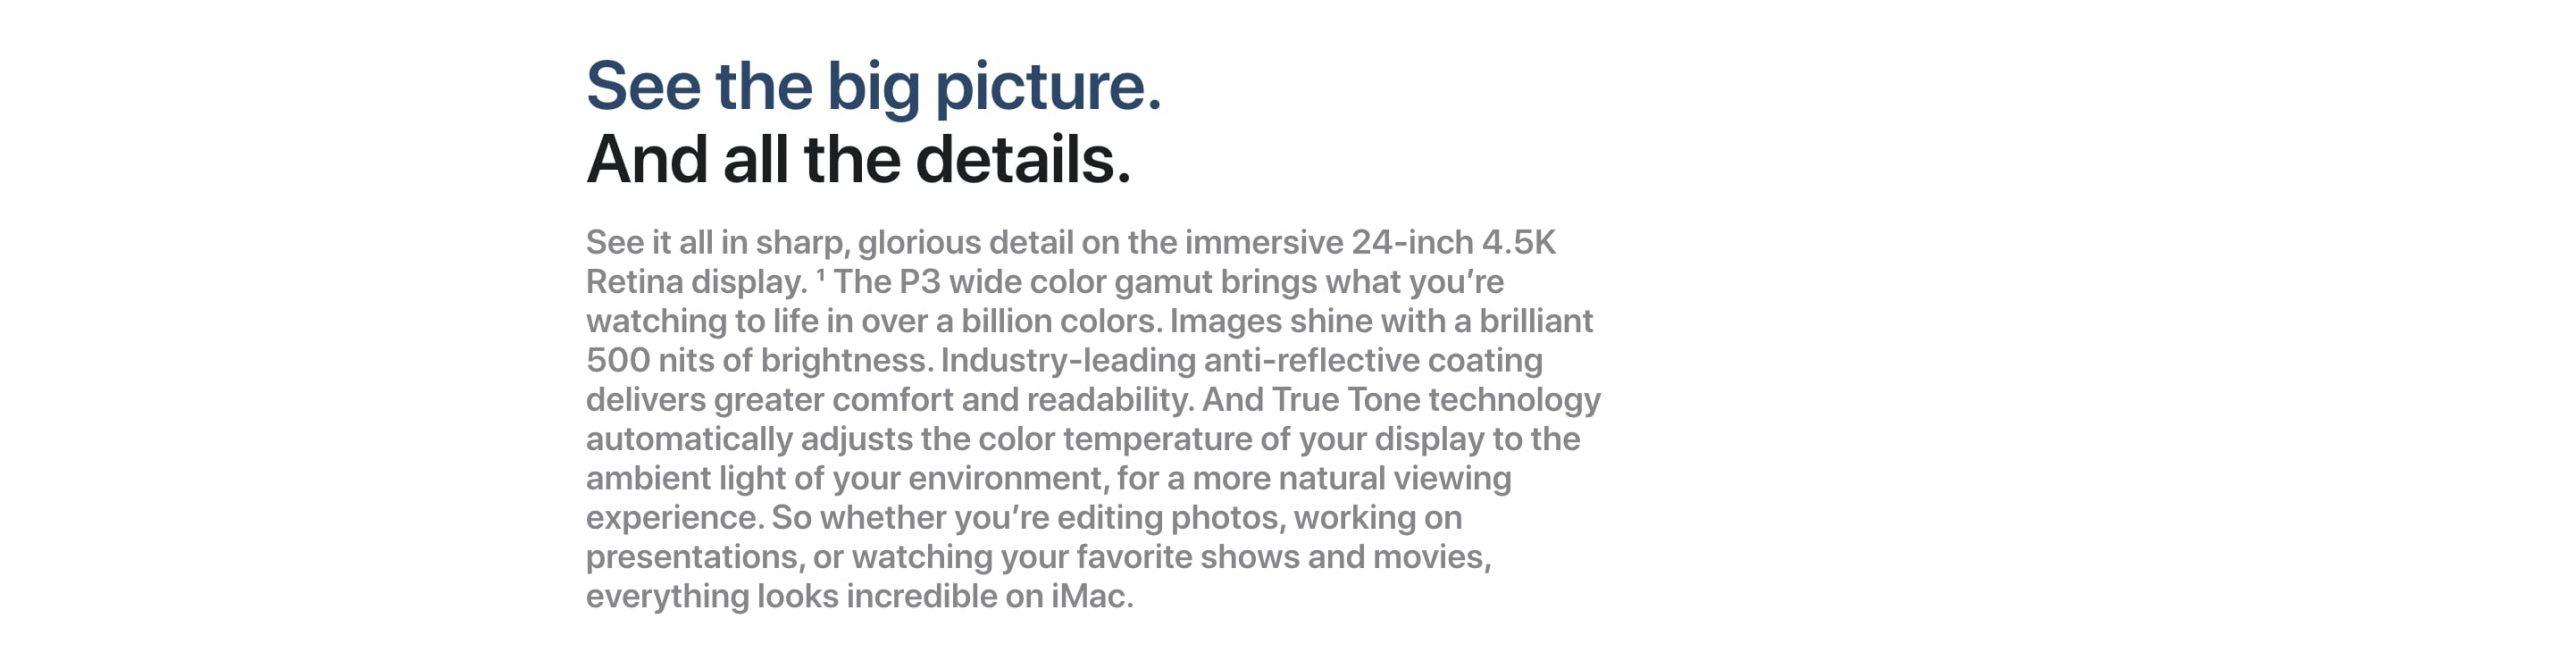 Apple 24 inch iMac 4.5K M18C CPU 7C GPU:8C GPU 256GB SSD_alphastore kuwait_13